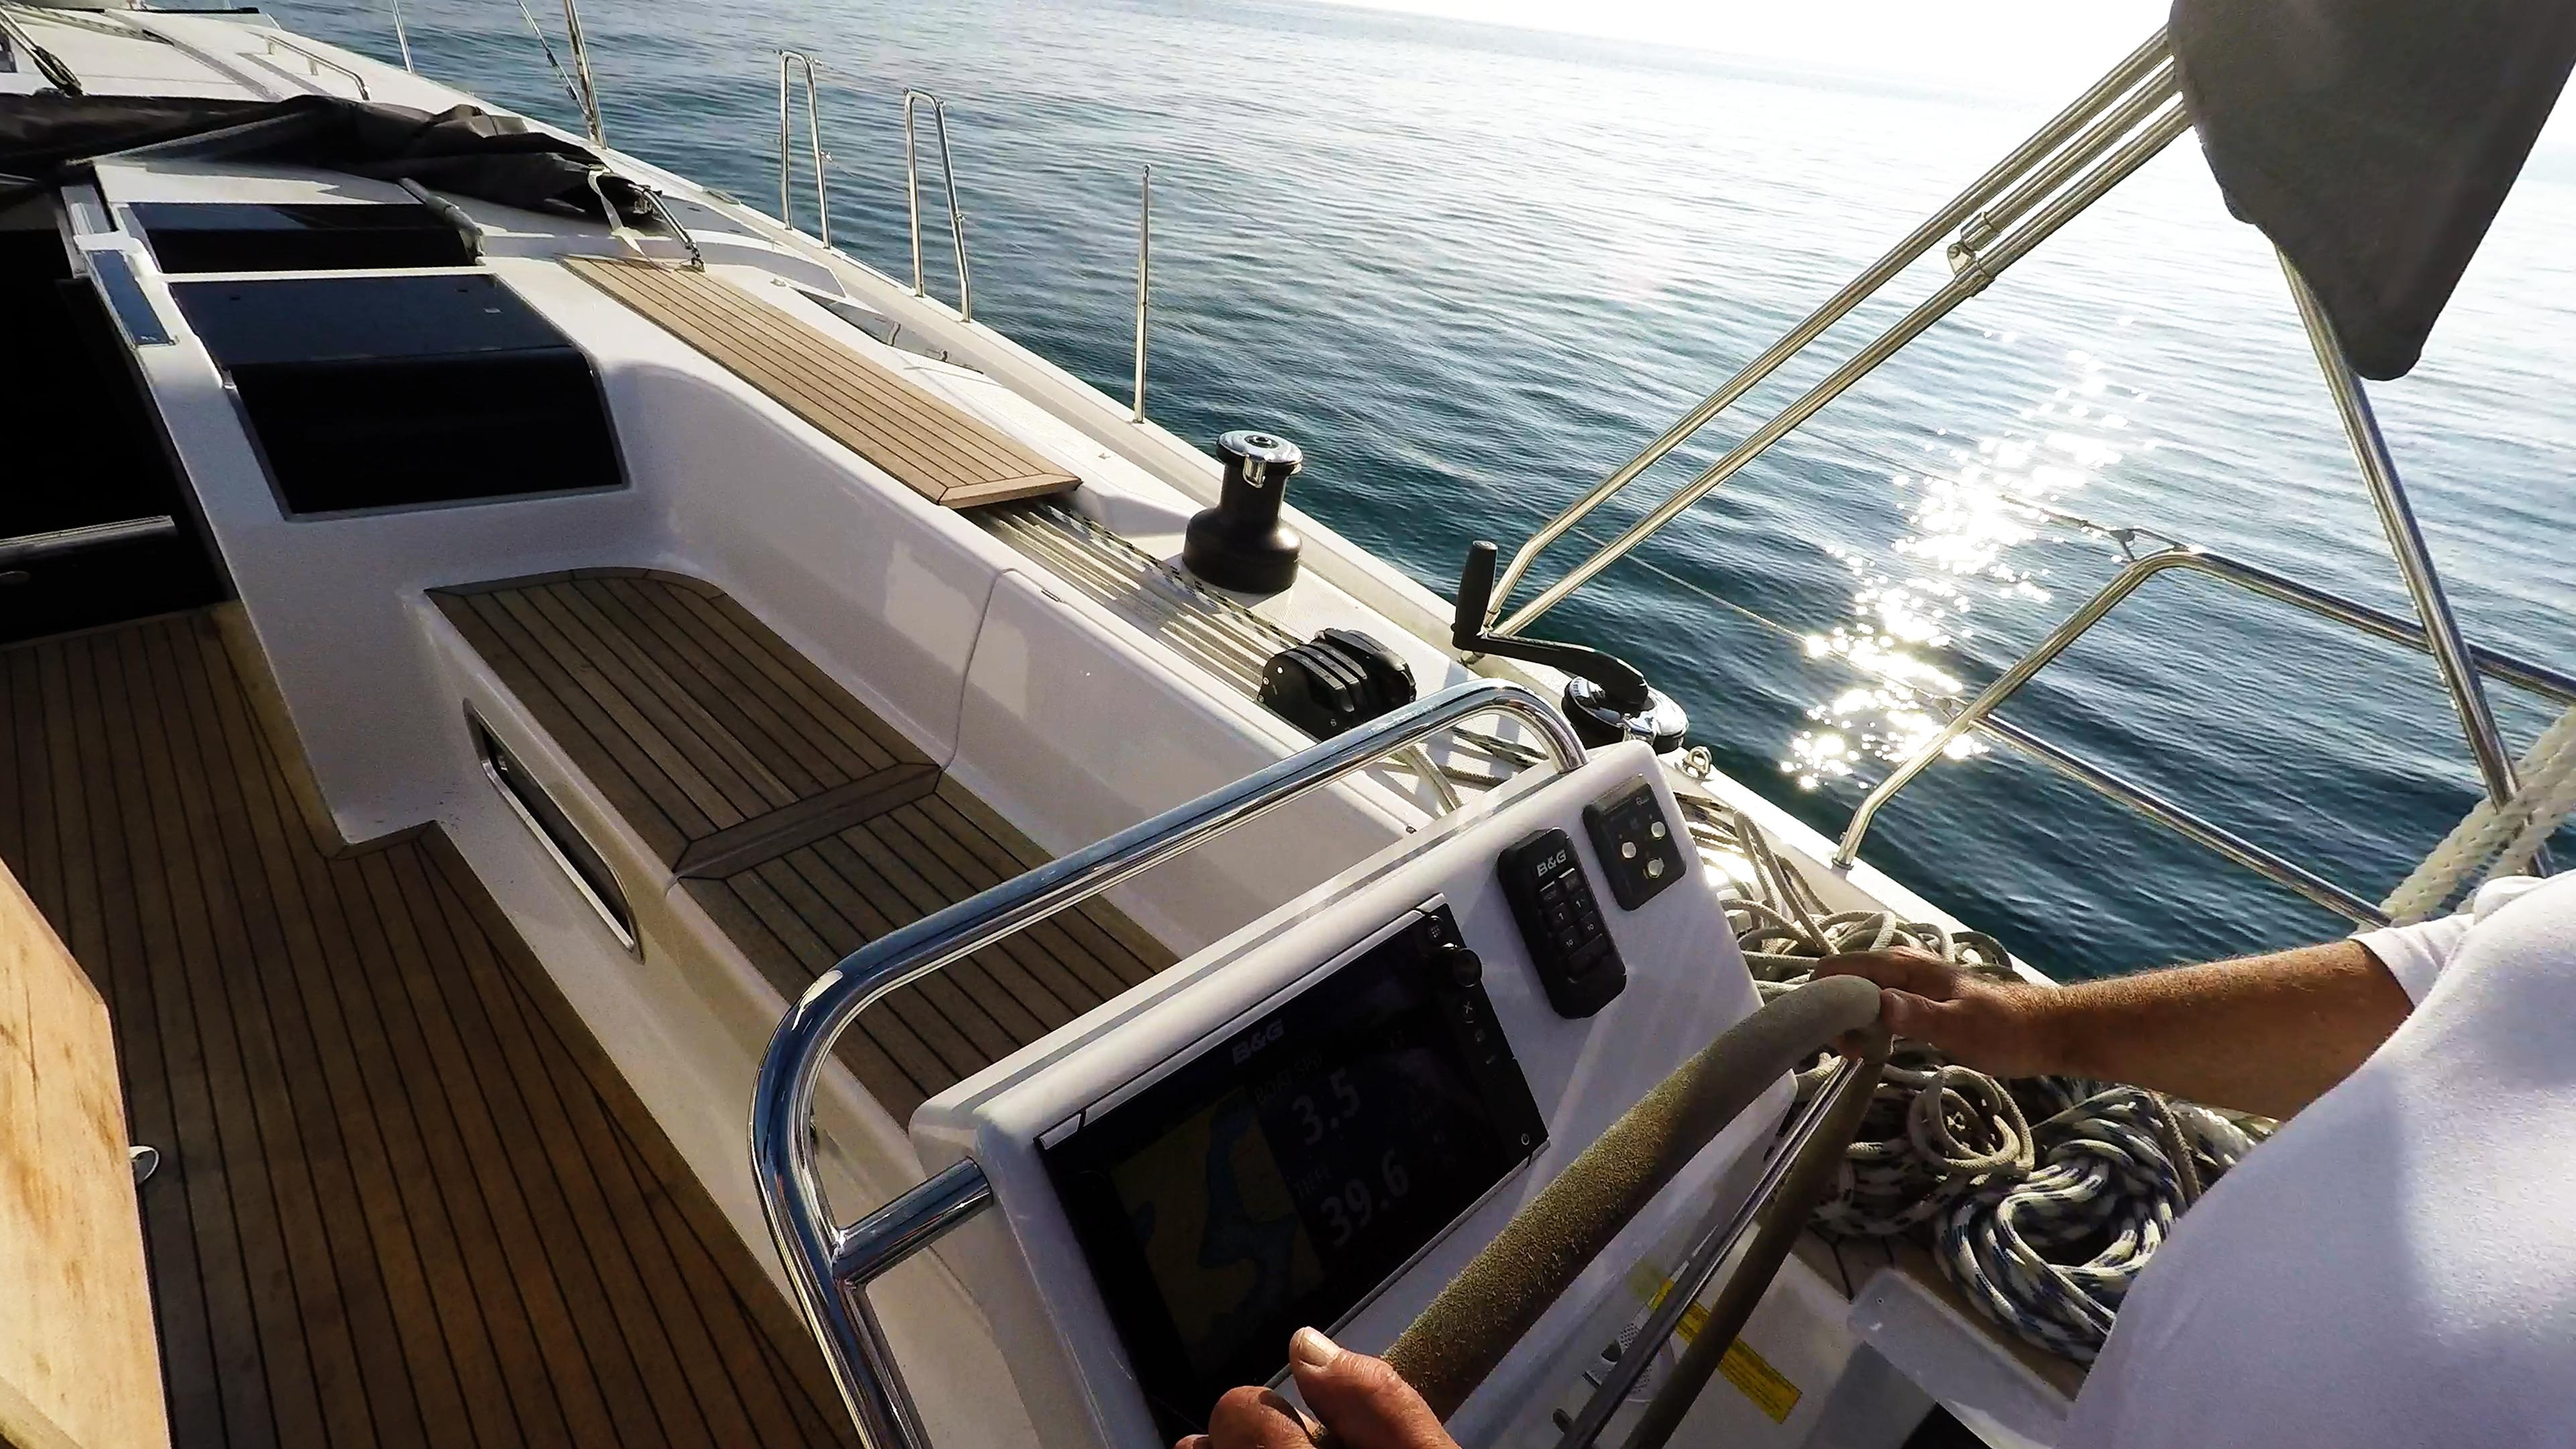 Segelyacht Hanse 505 Instrumente Teak Cockpit Segelyacht